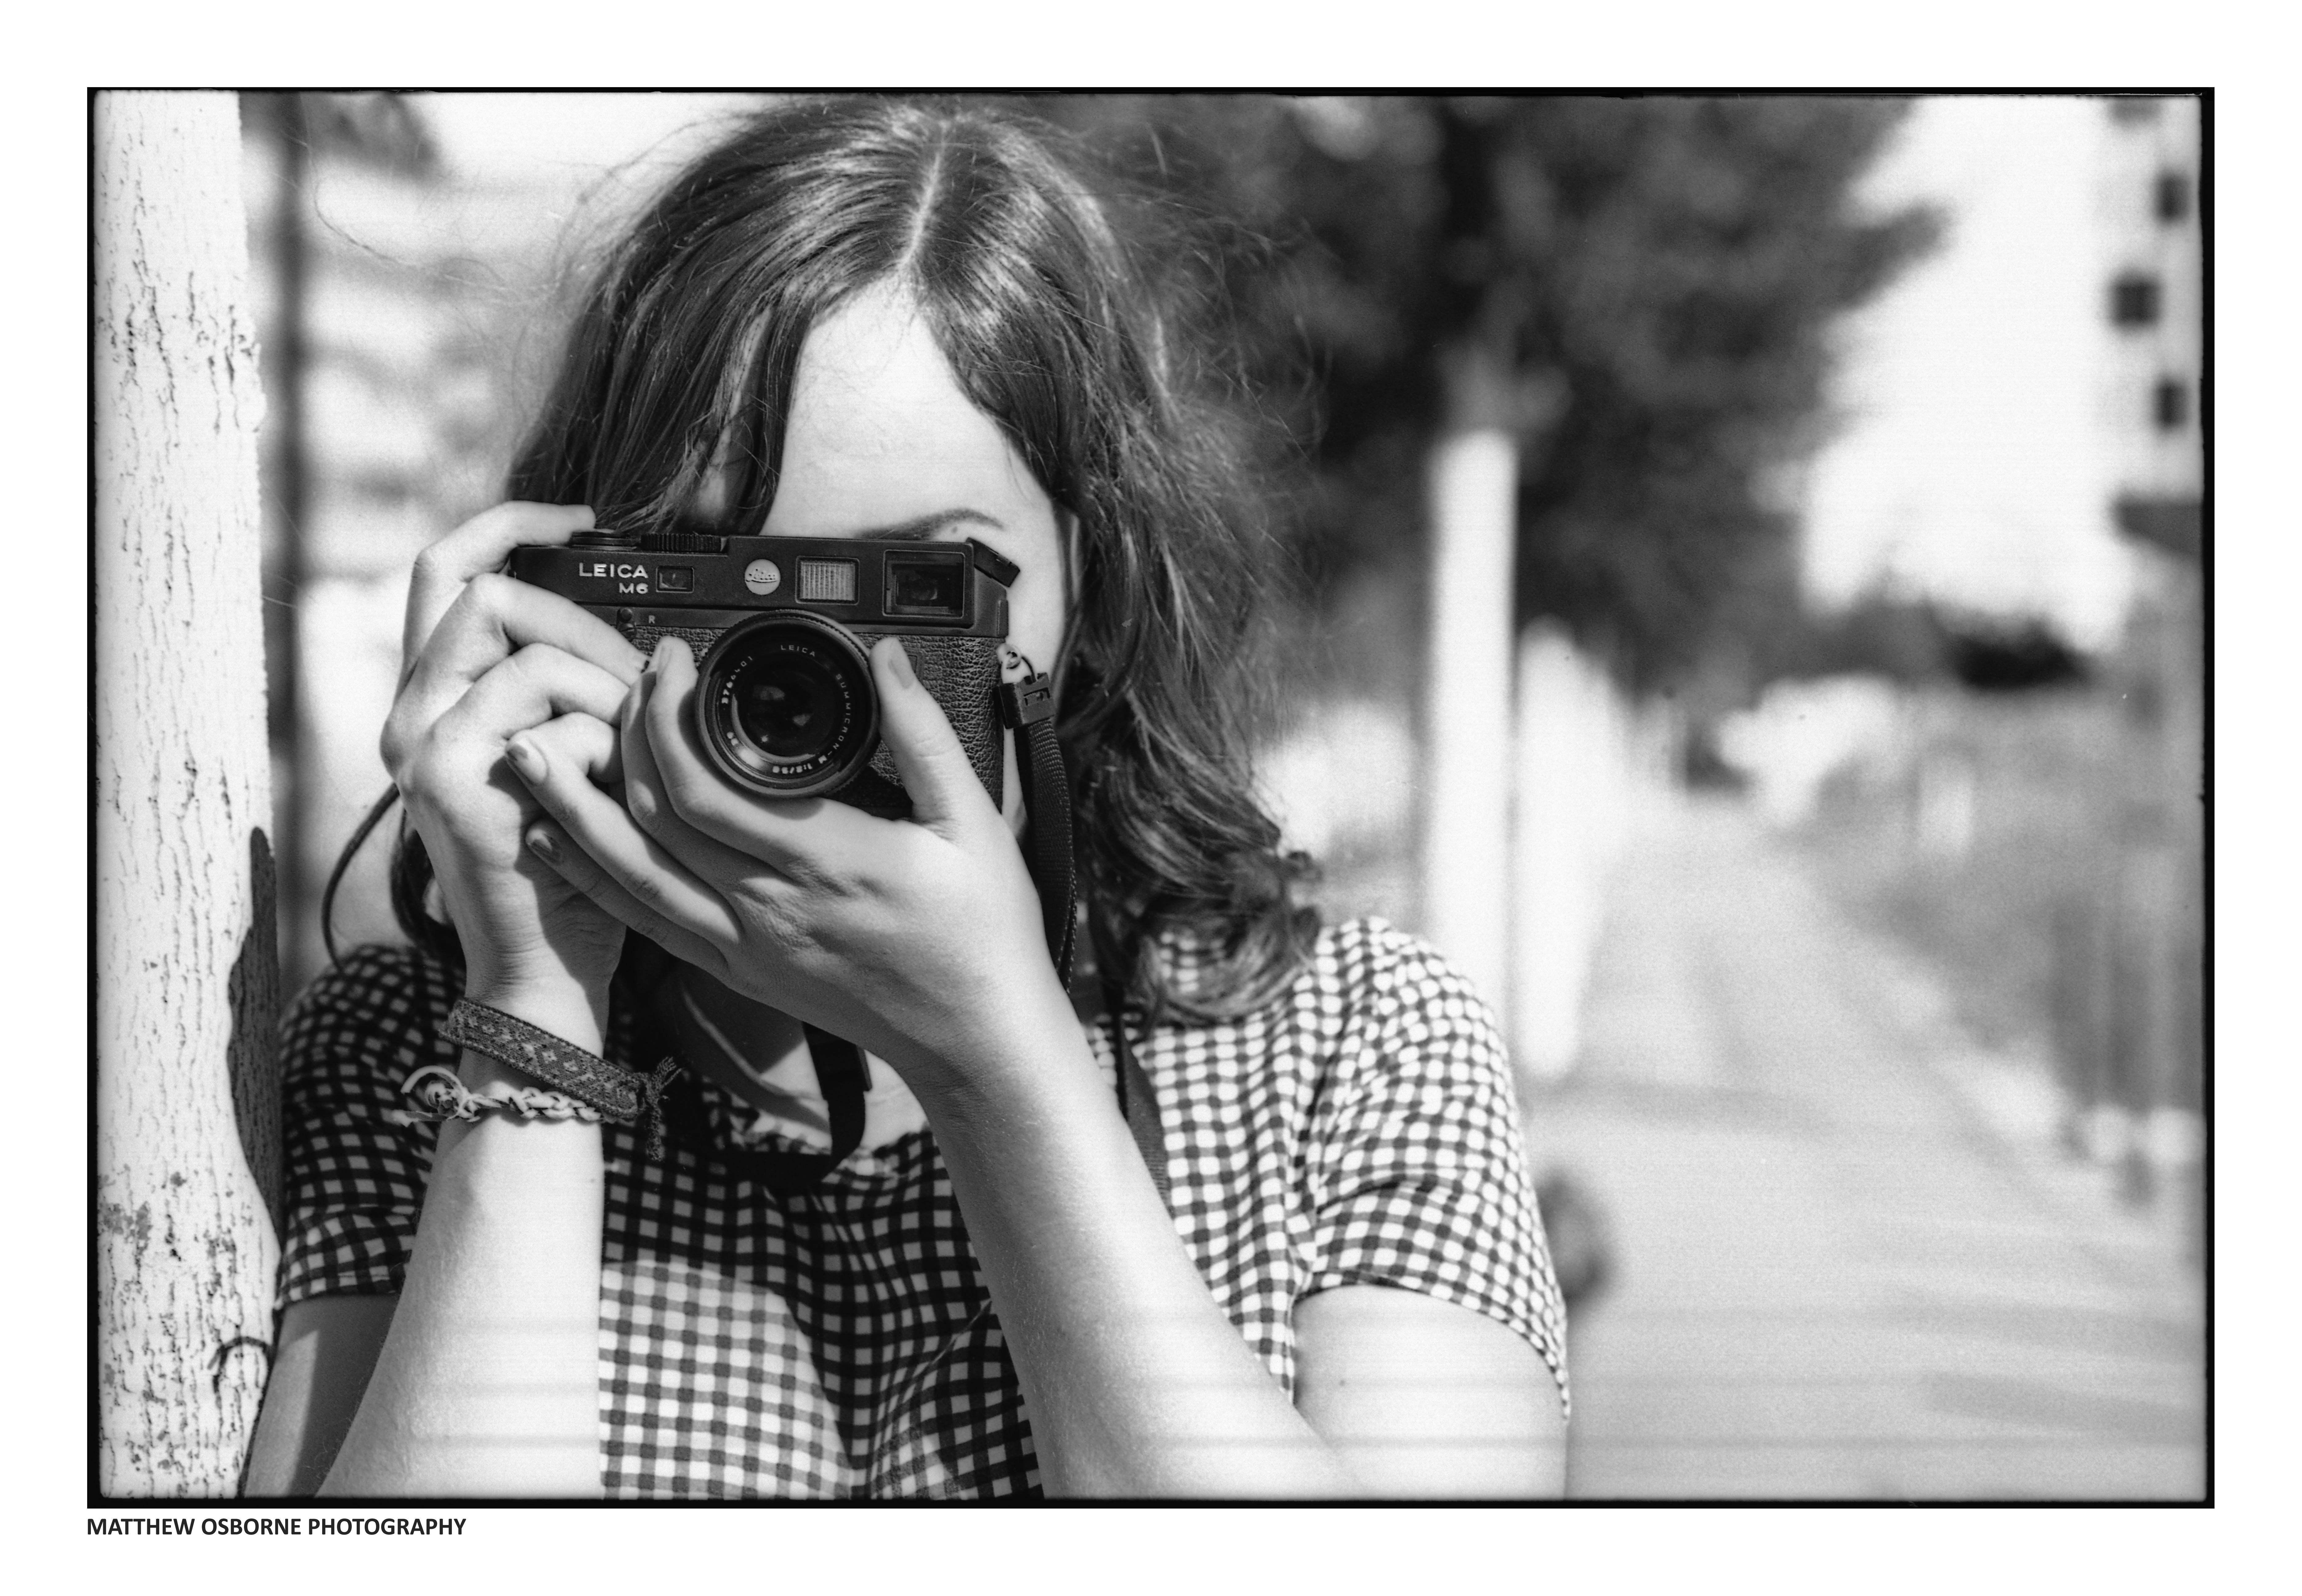 Leica Workshop Zurich Switzerland (2)